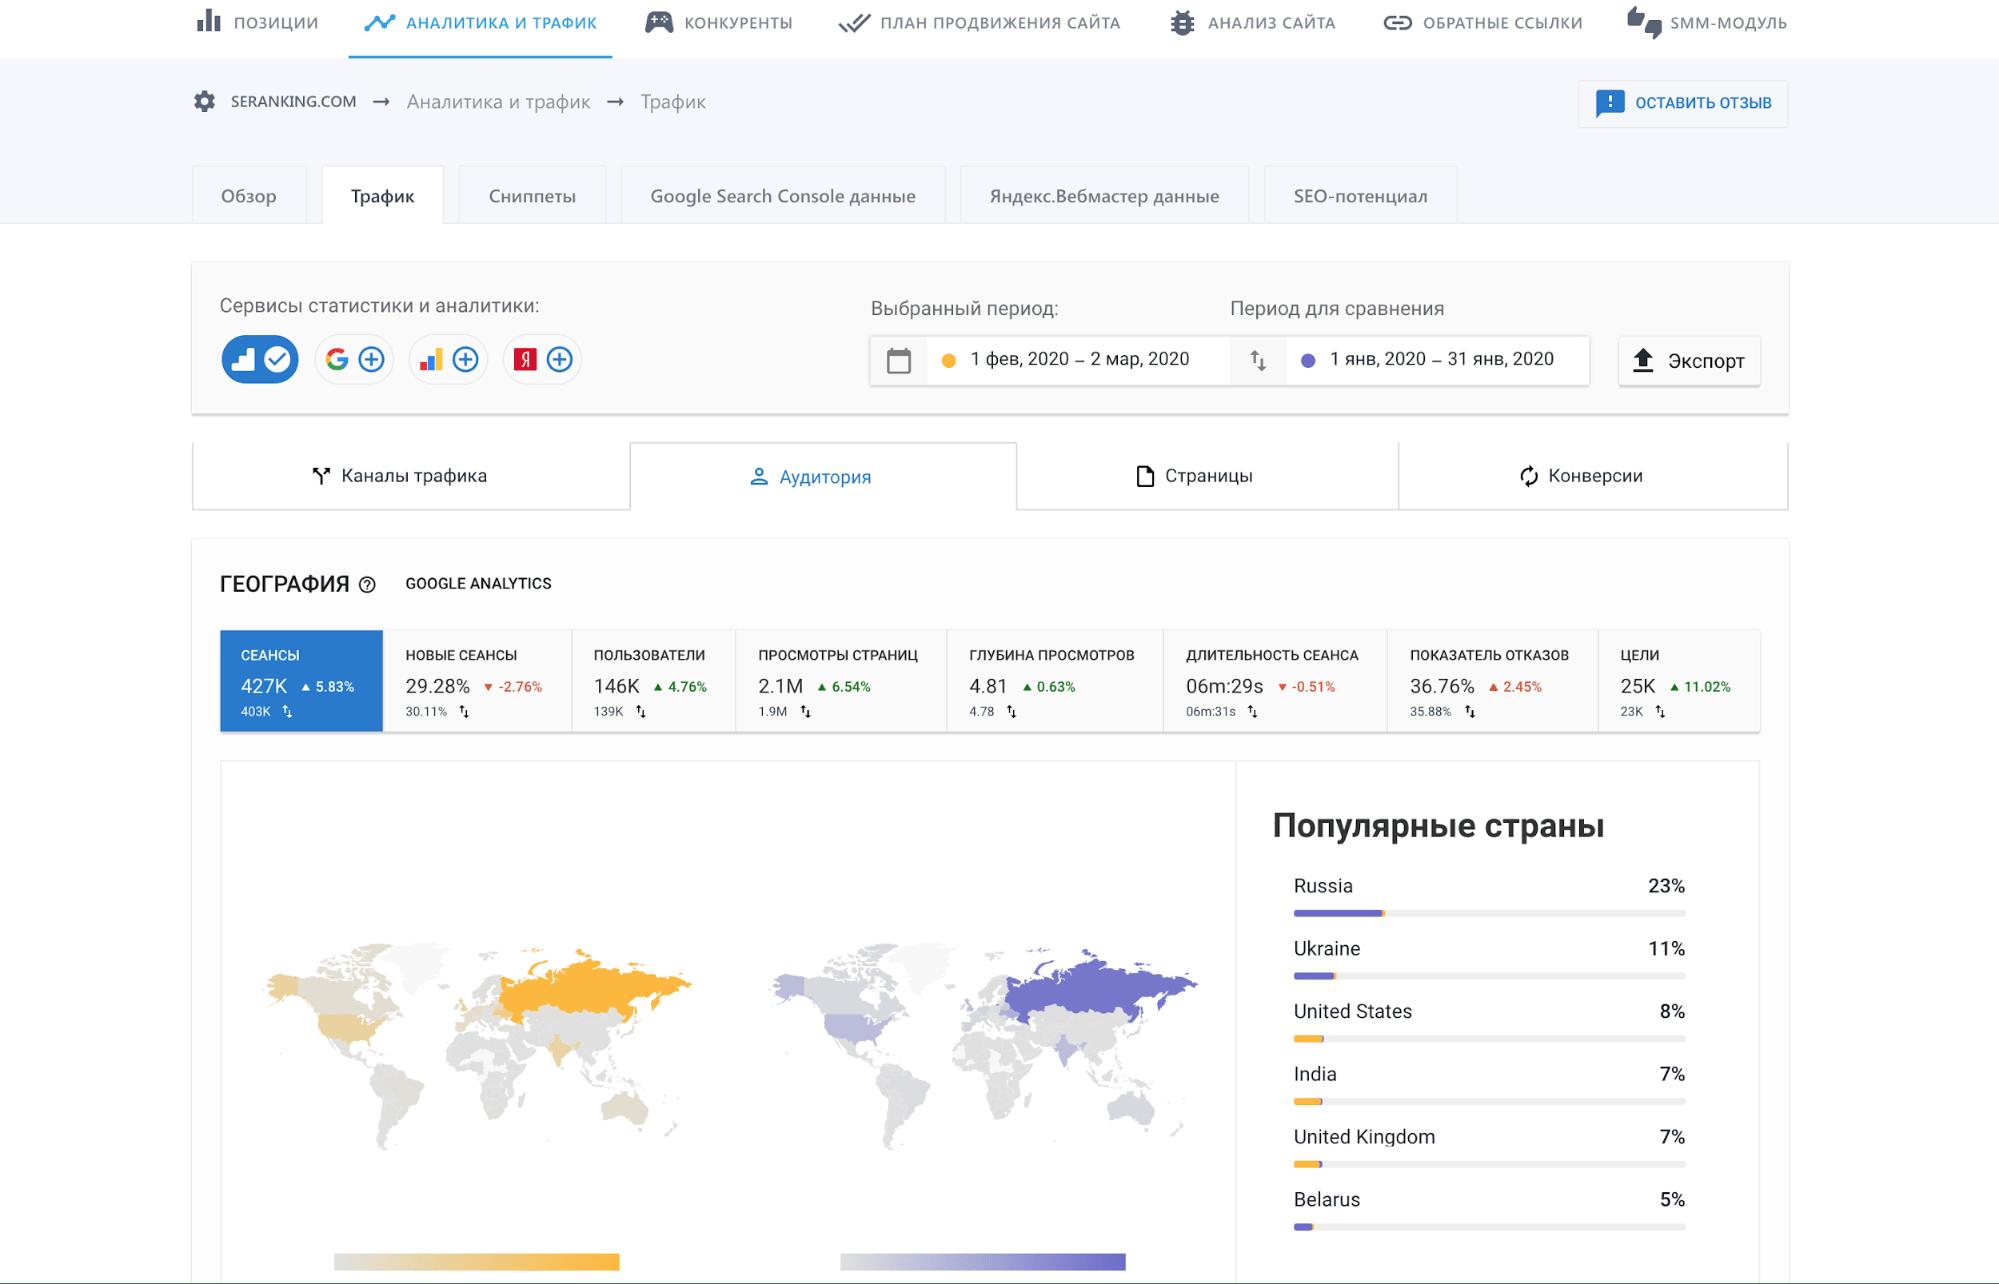 аналитика пользователей по странам